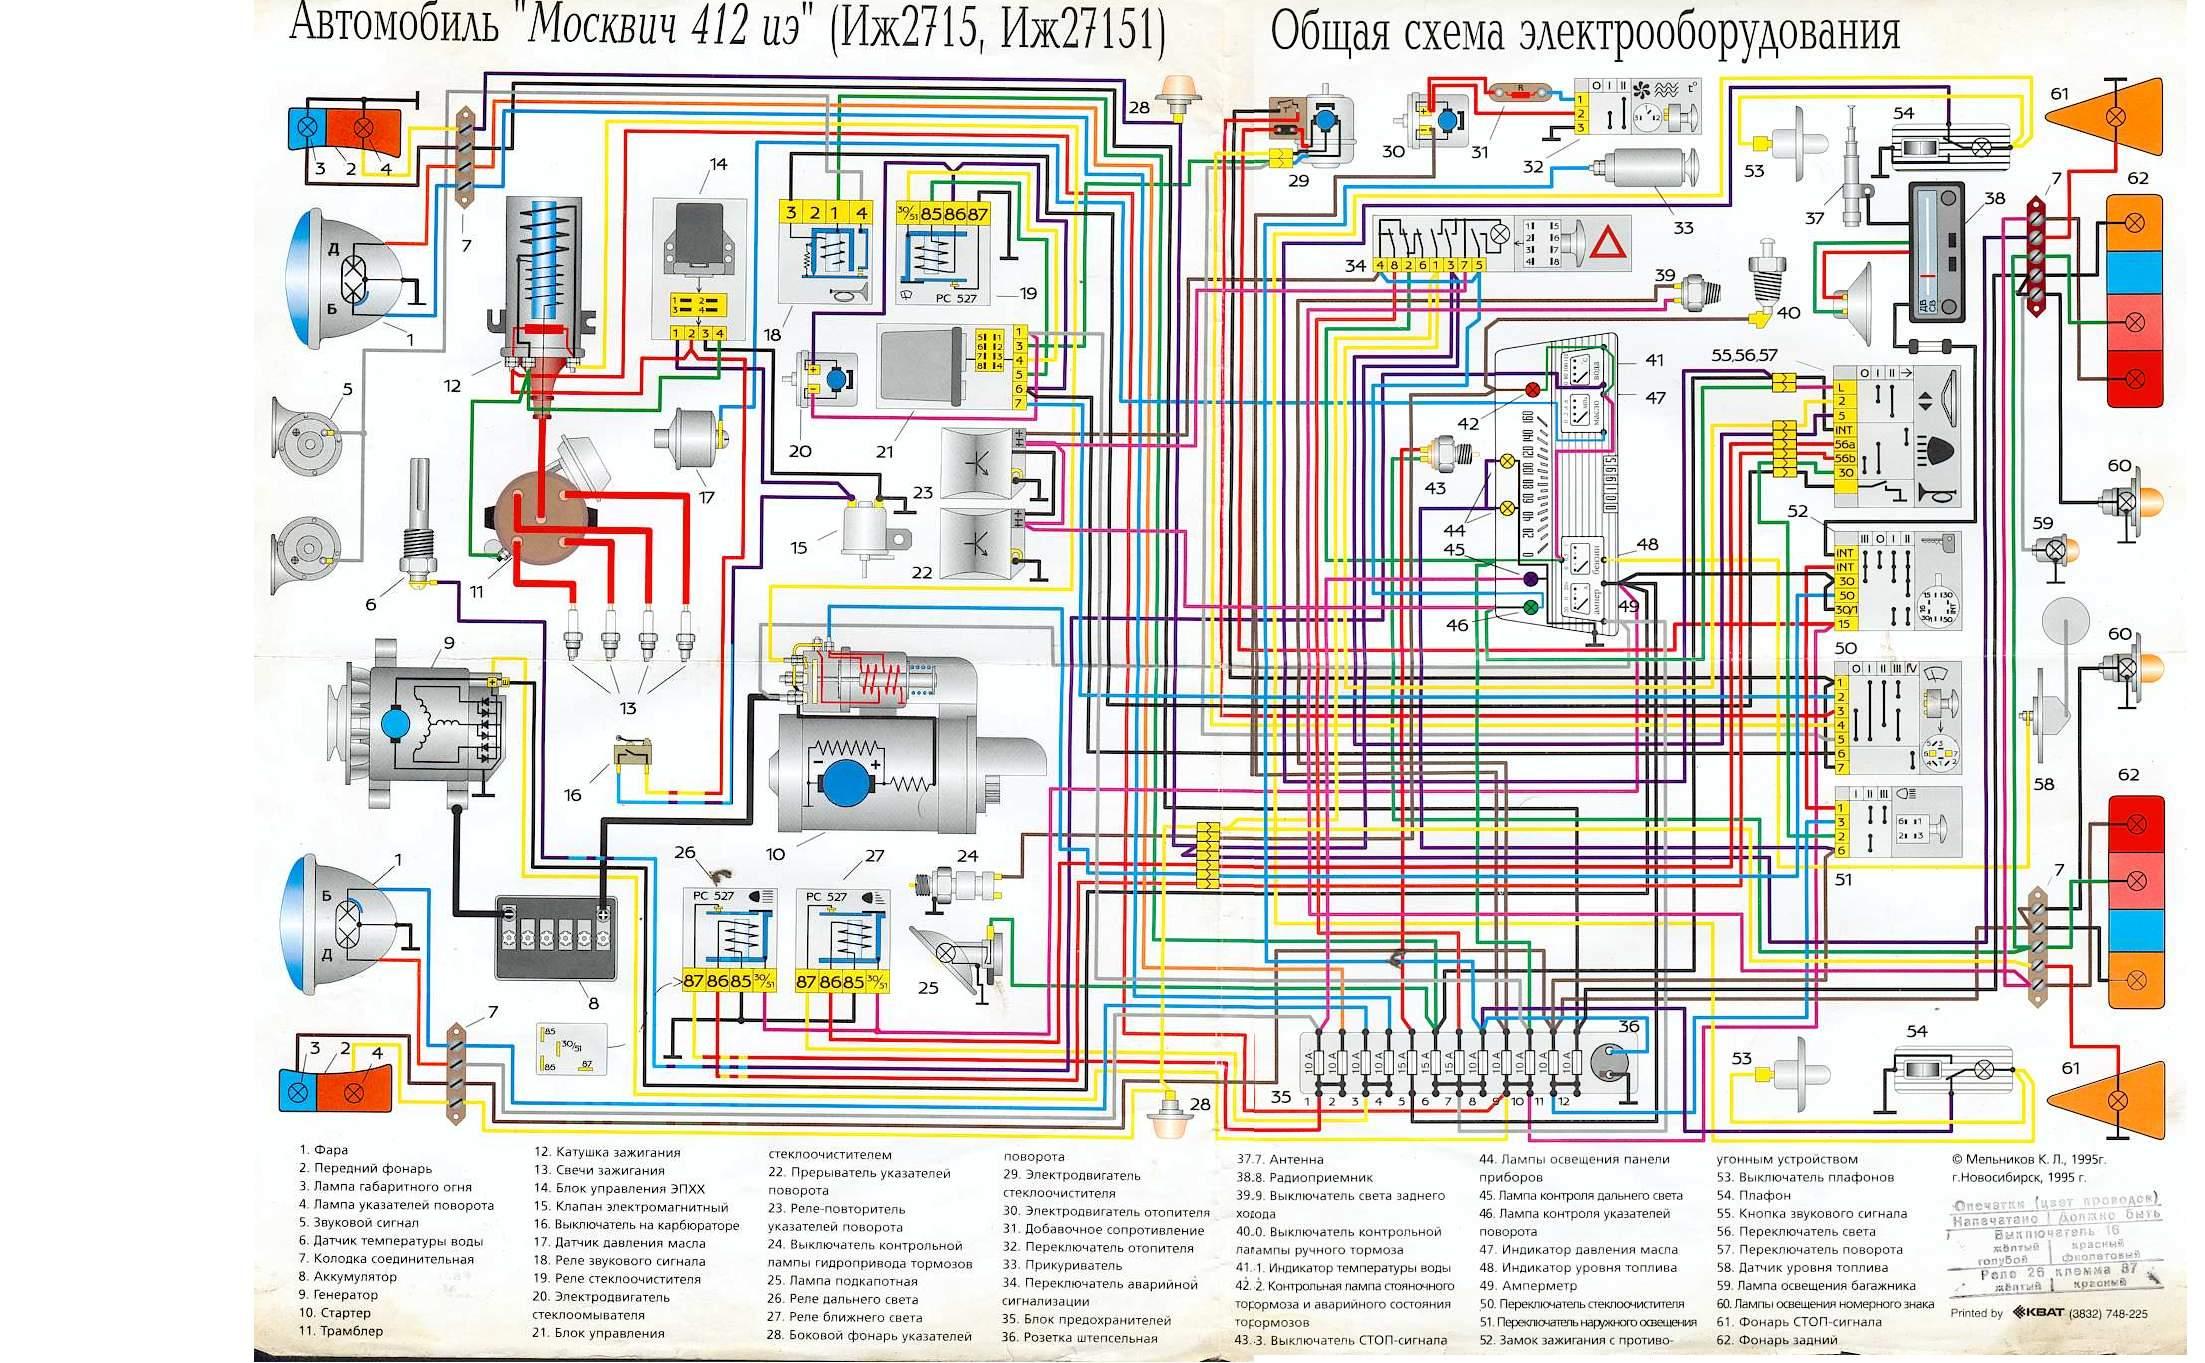 Инструкция По Експлуатацыи Москвич 412